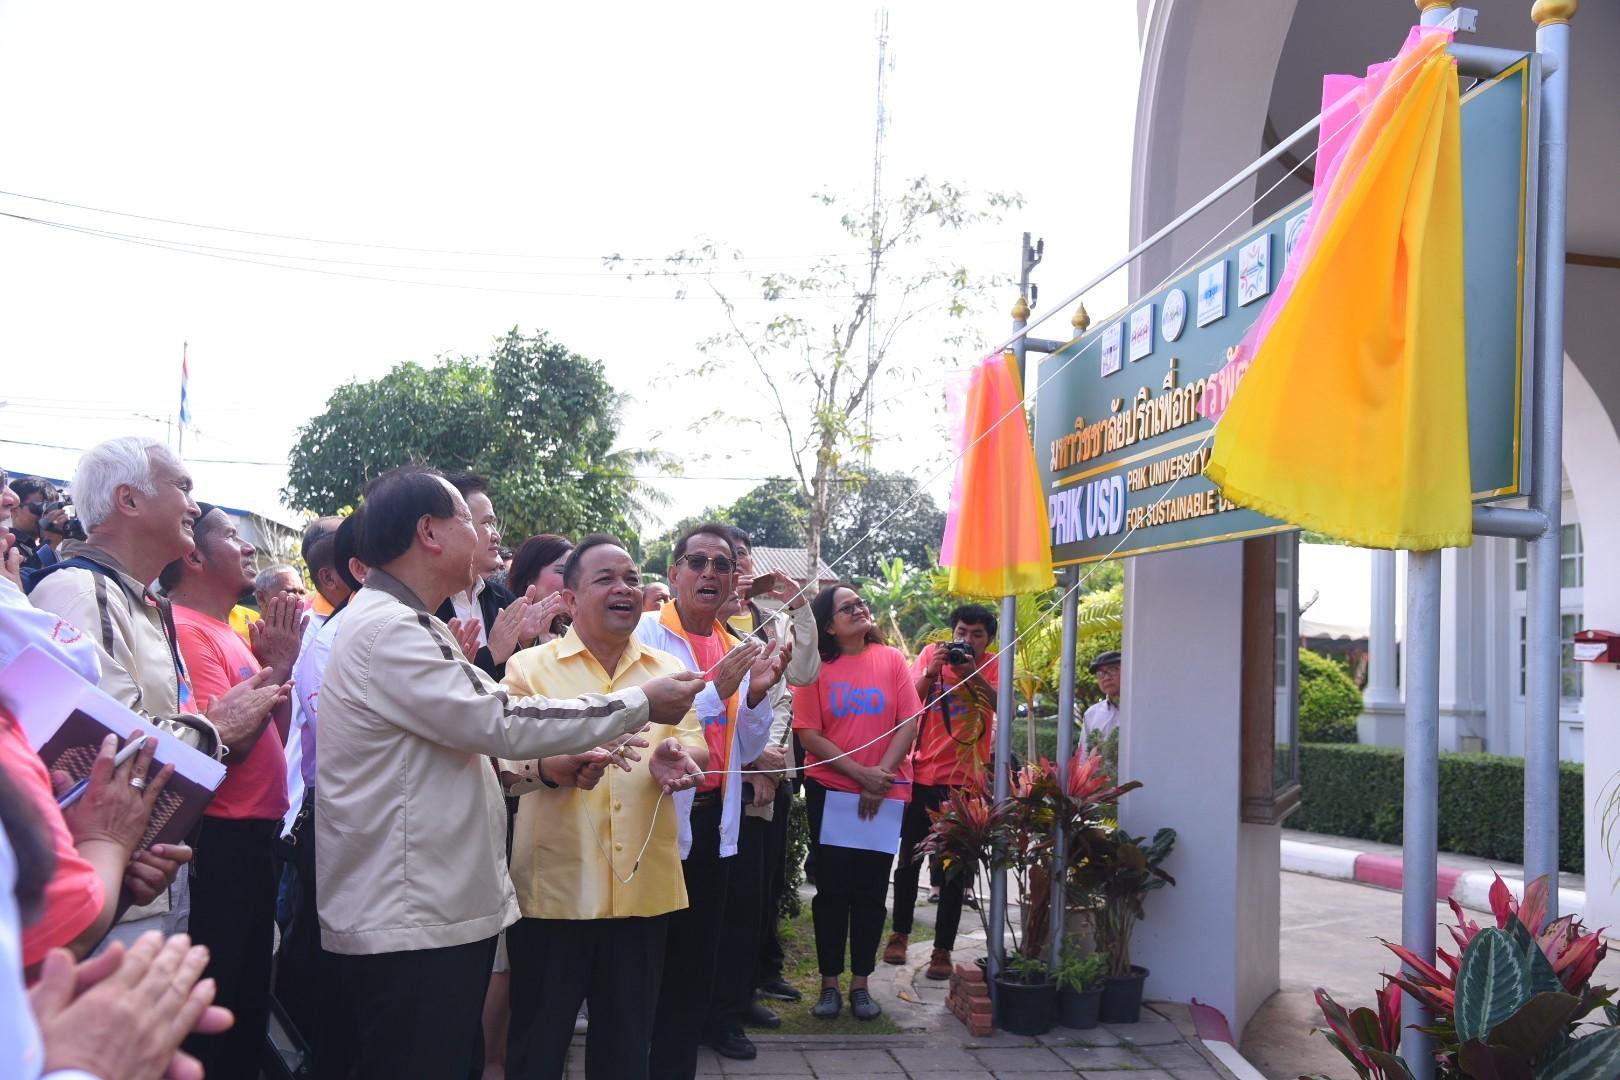 """สสส. เปิดตัว """"มหาวิชชาลัยปริกเพื่อการพัฒนาอย่างยั่งยืน""""  thaihealth"""